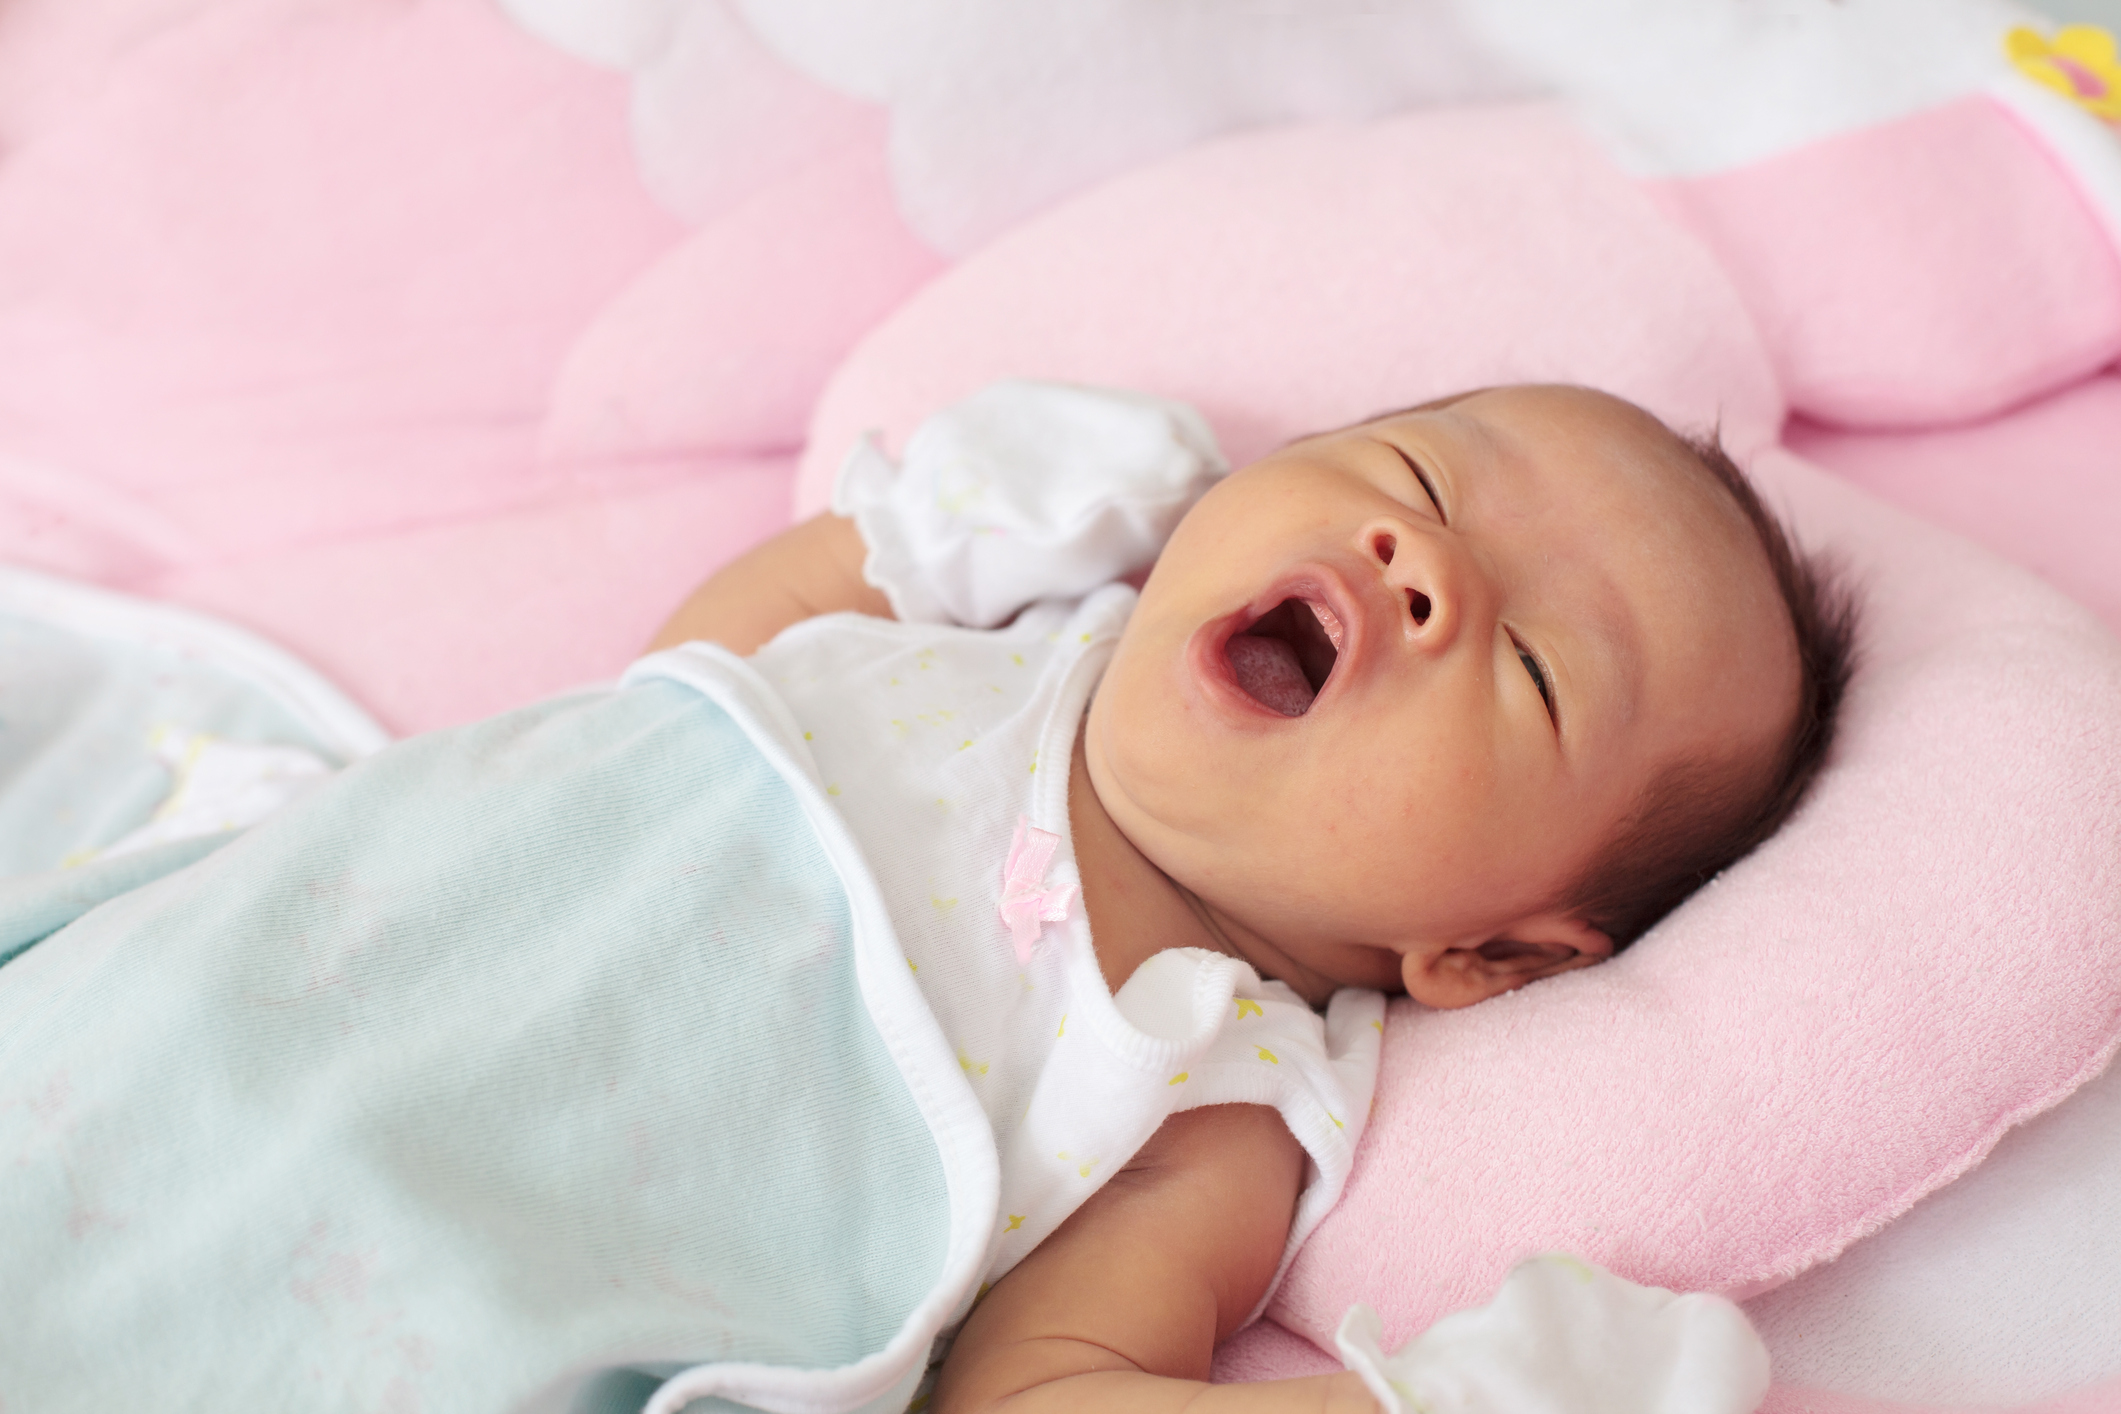 早產嬰幼兒家長需要注意家居環境的安排及在照顧上作調適。